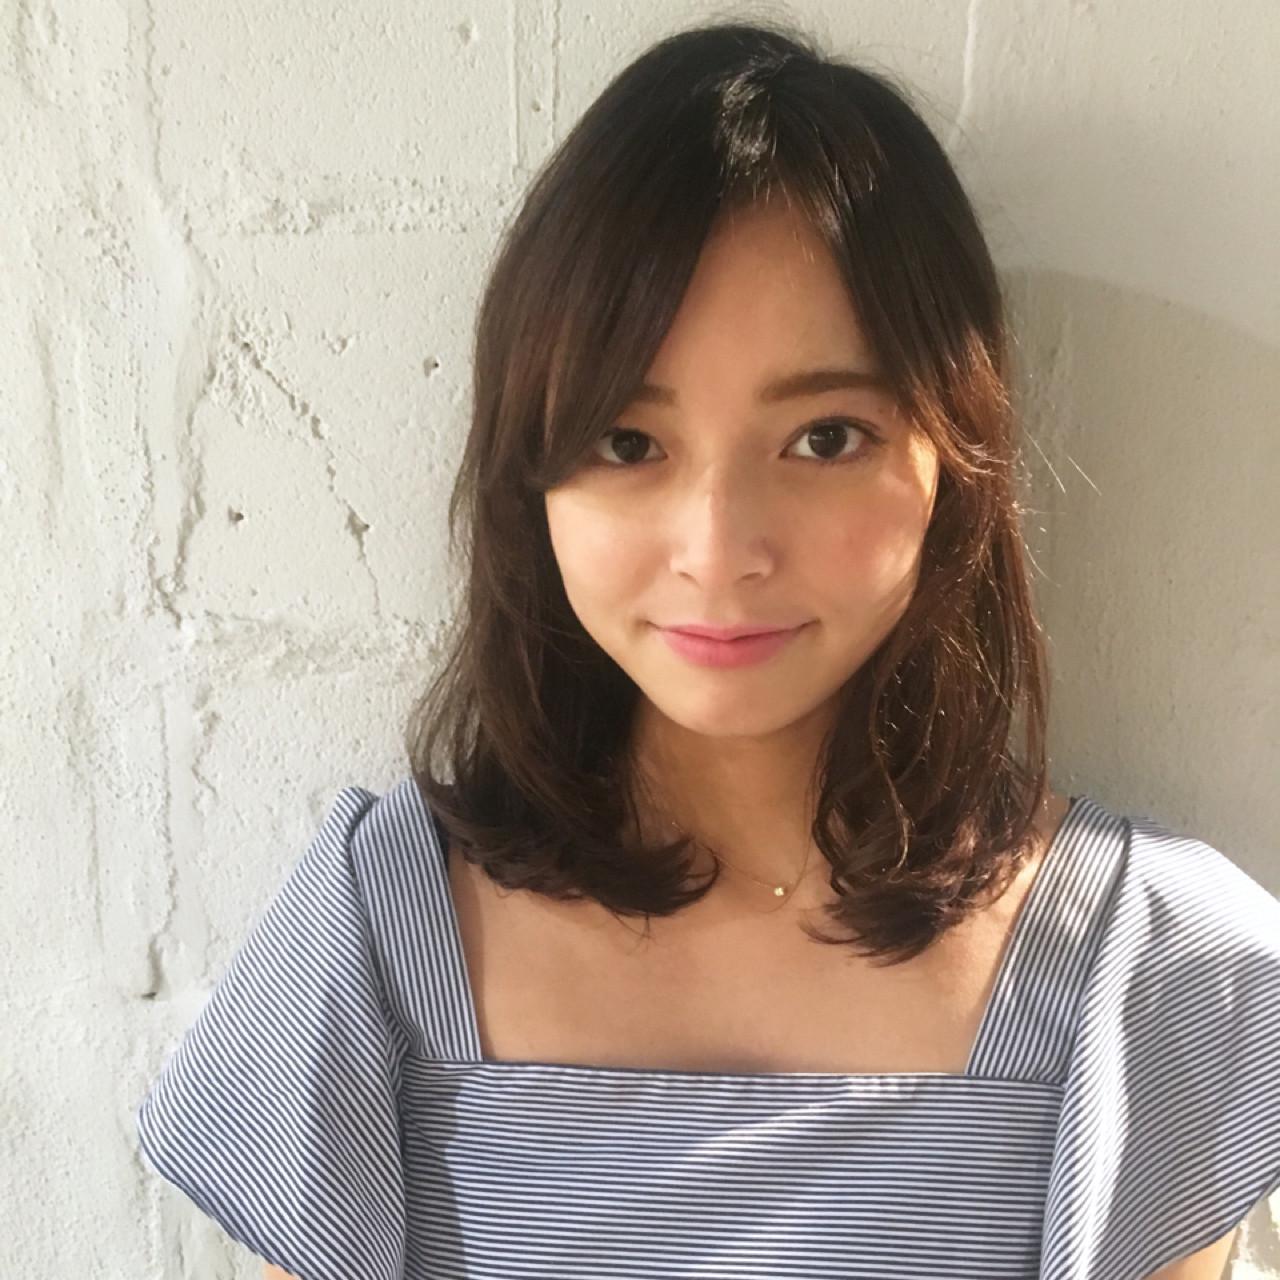 パーマ ストレート ミディアム 縮毛矯正 ヘアスタイルや髪型の写真・画像 | ade omotesando YUKA / ade omotesando